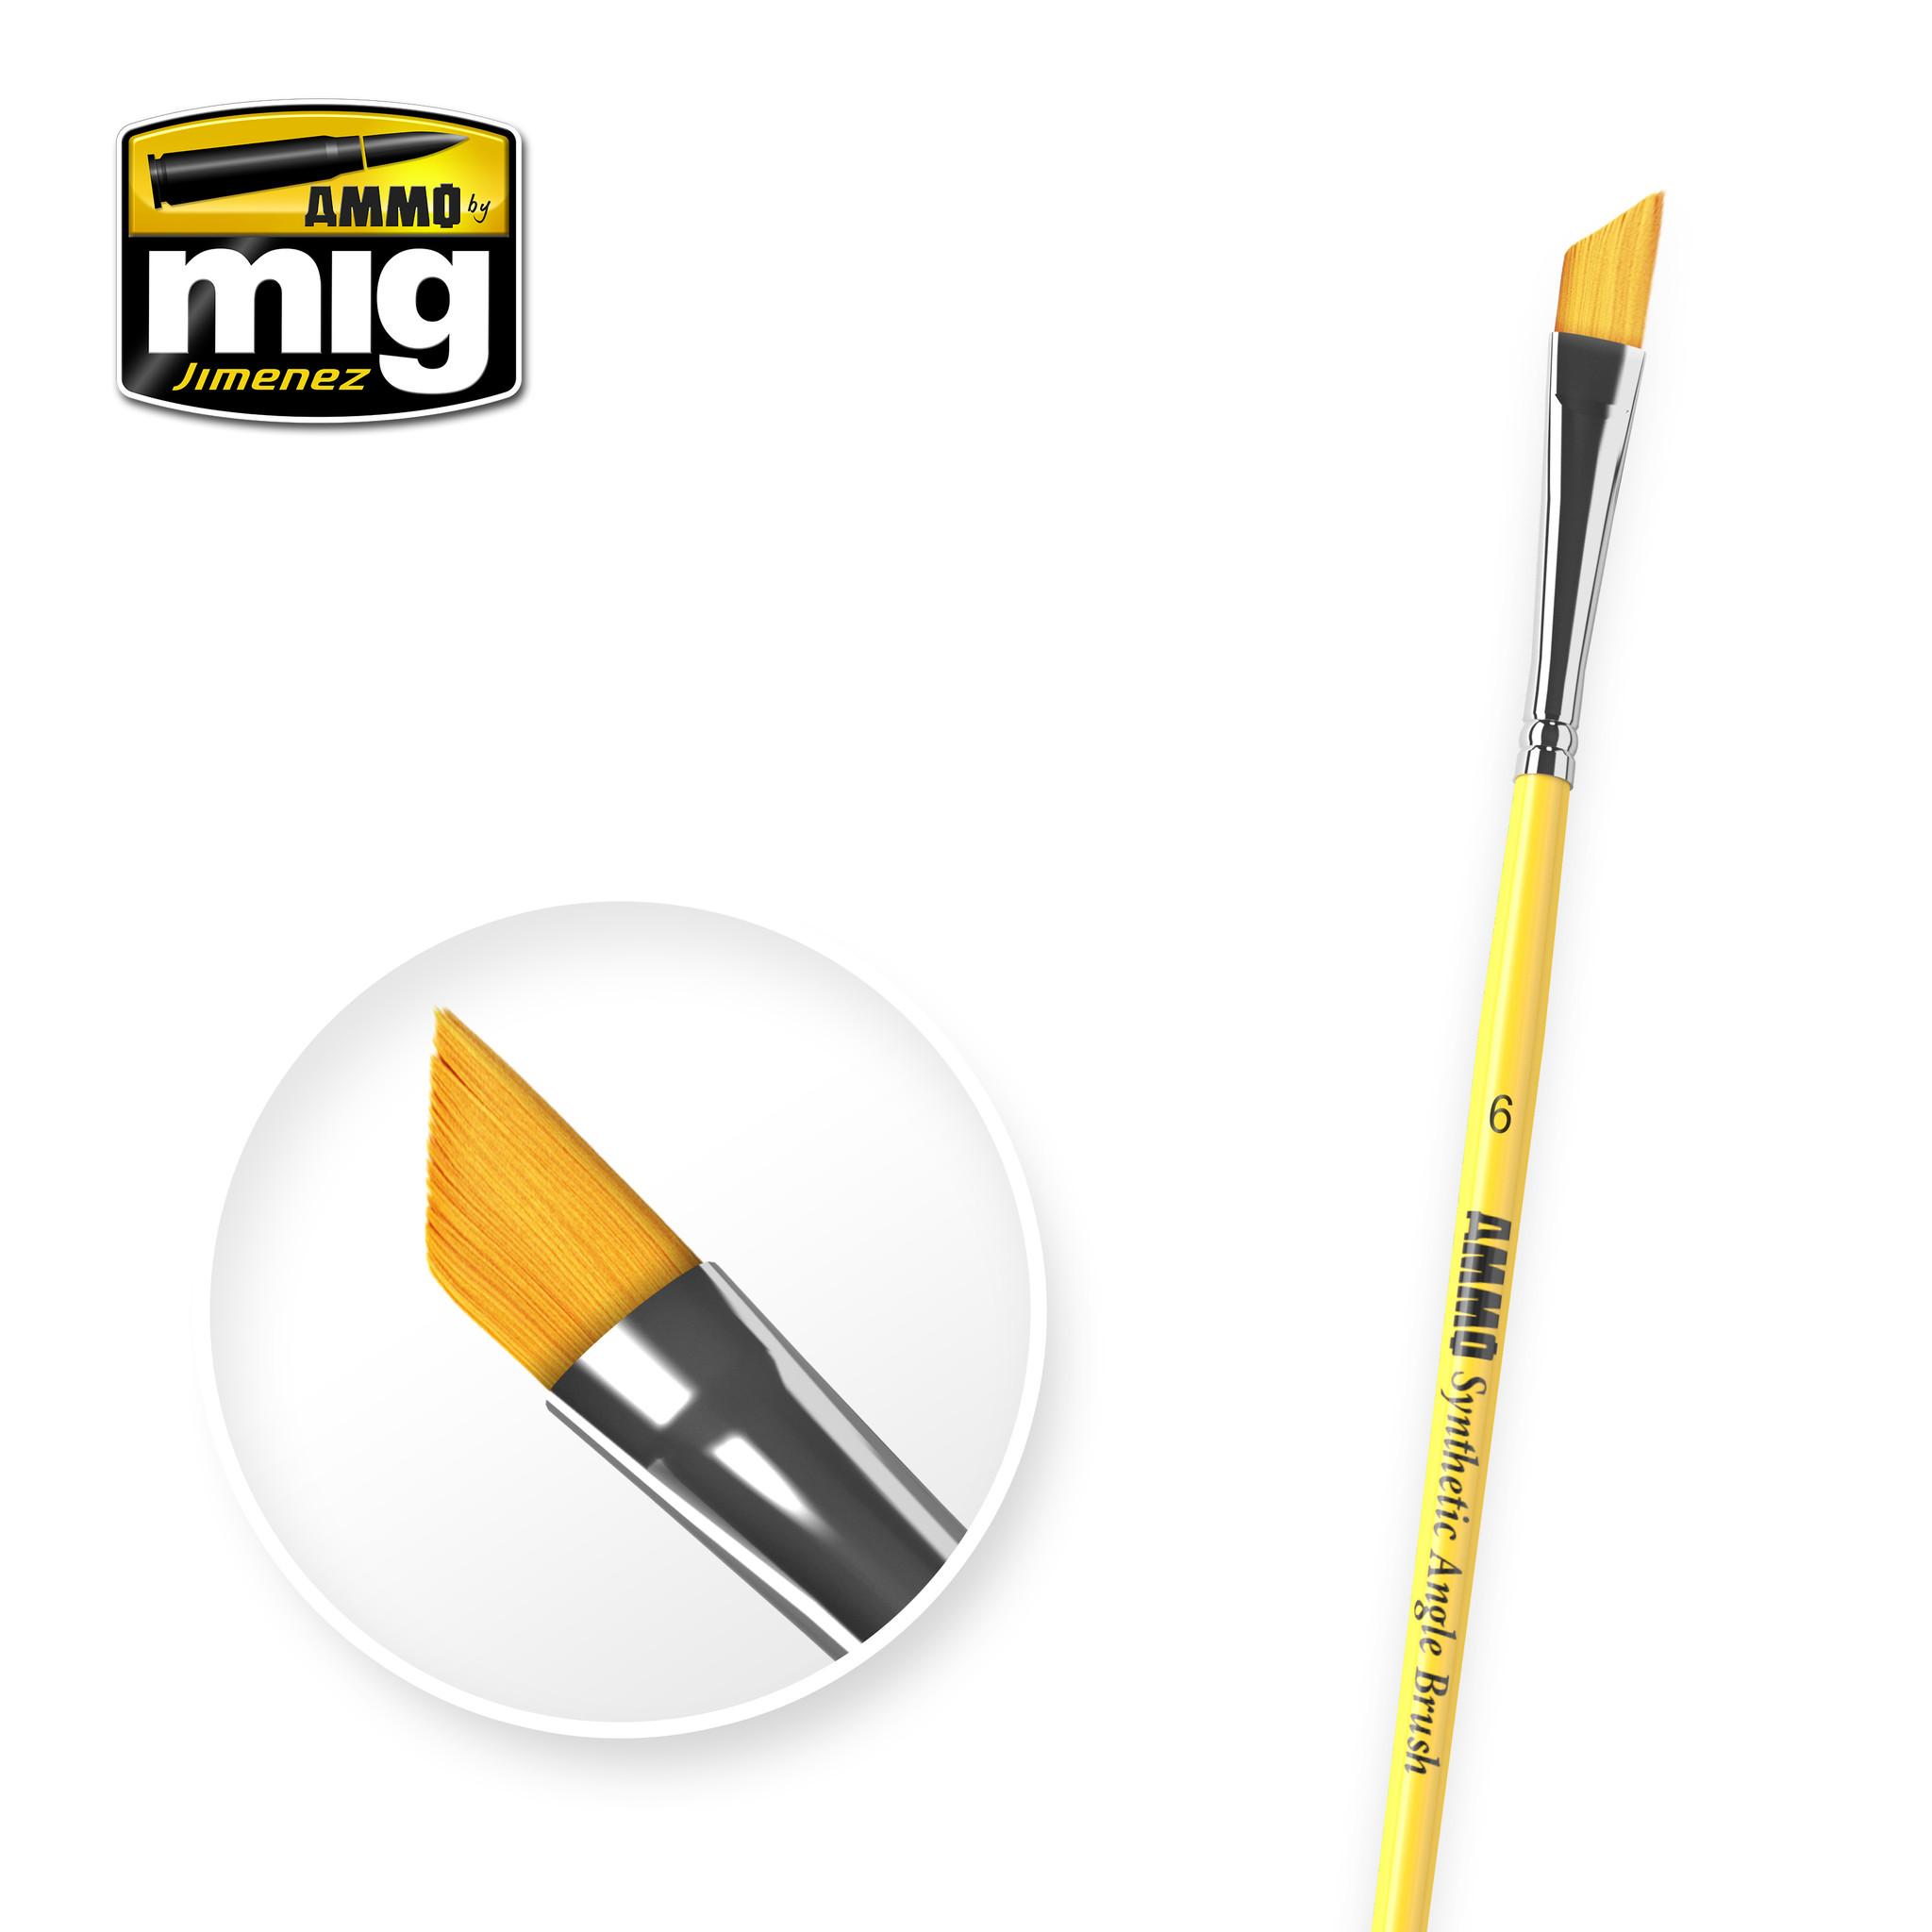 Ammo by Mig Jimenez 6 Syntetic Angle Brush